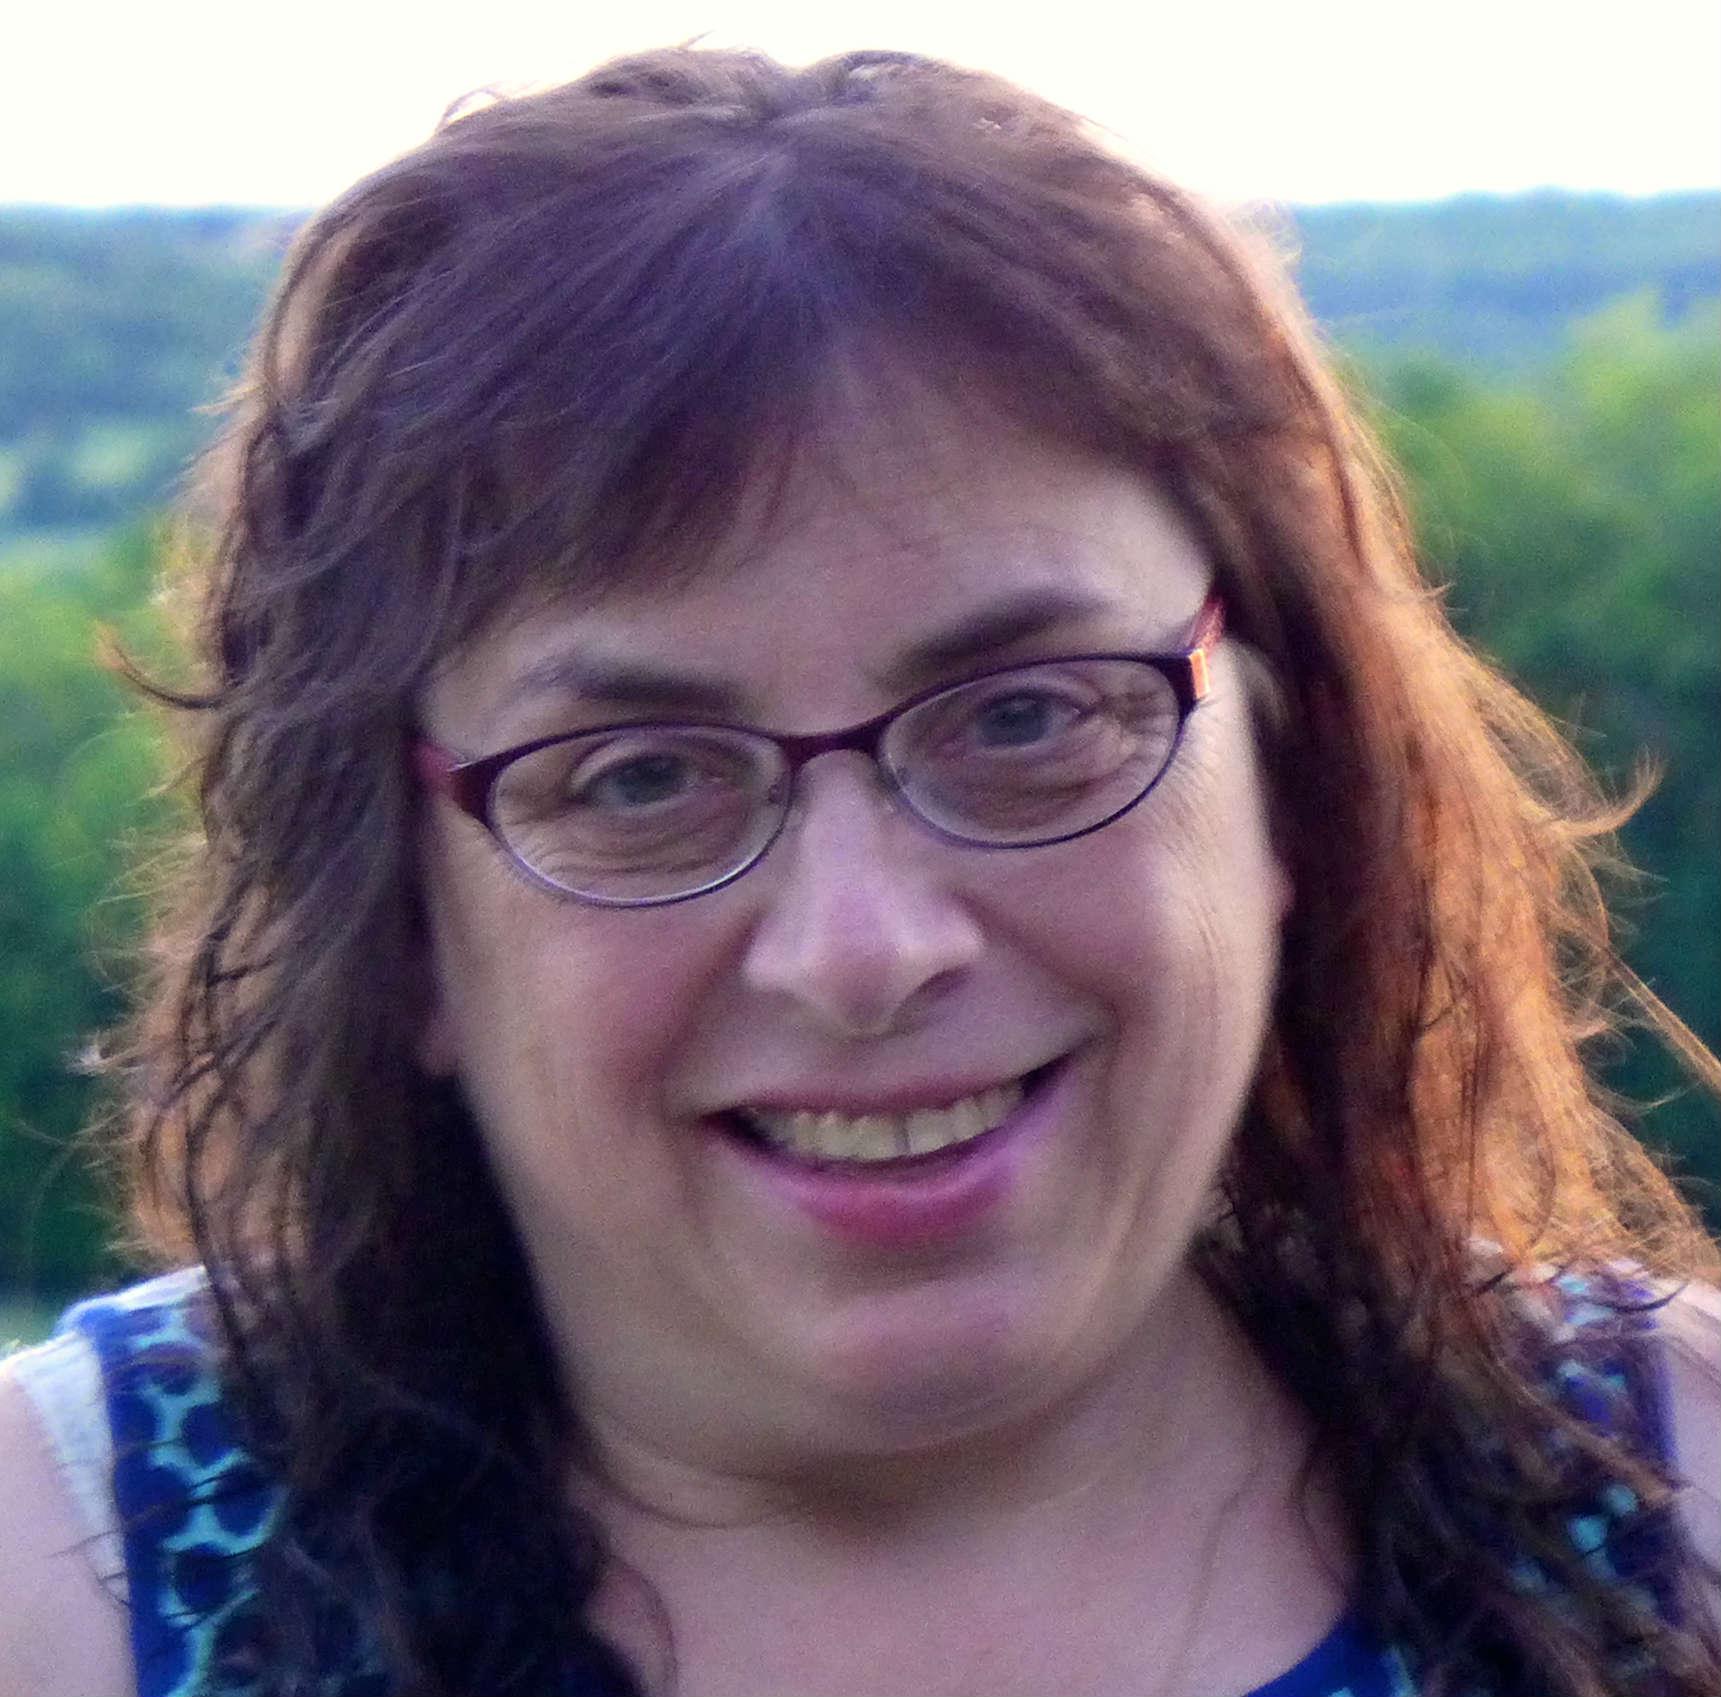 Caryn Mirriam Goldberg